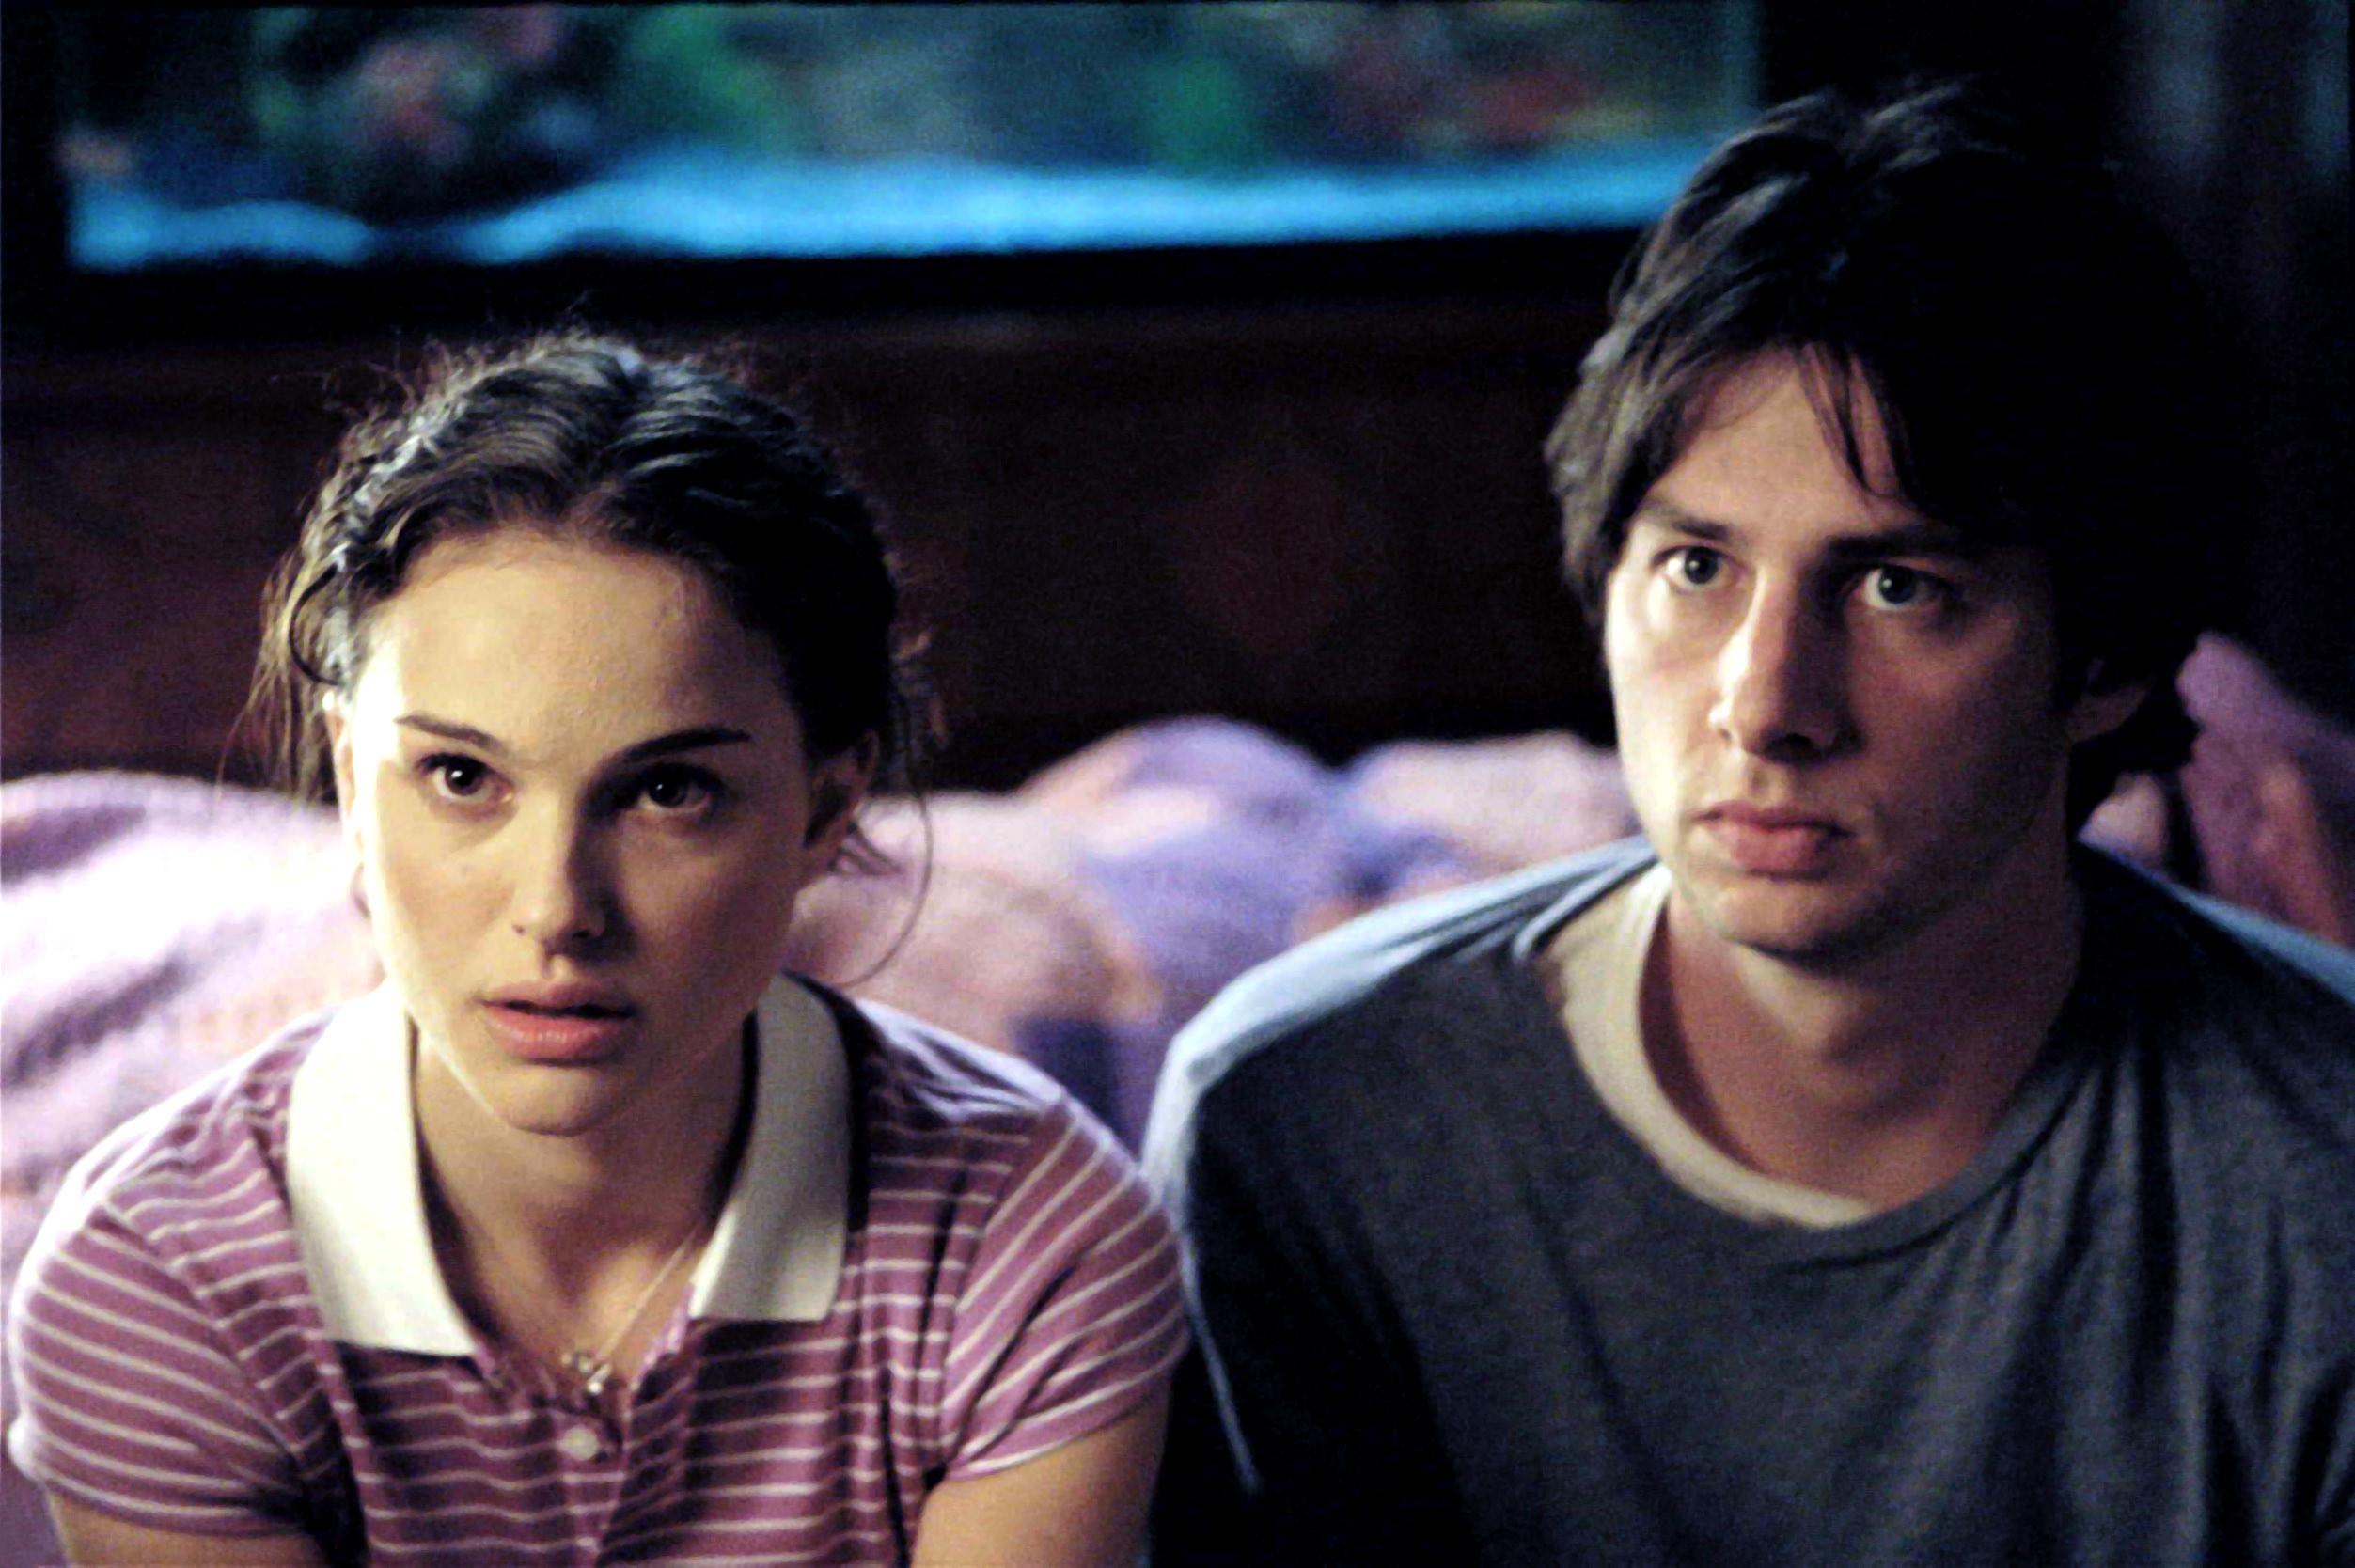 Natalie Portman and Zach Braff in garden state.